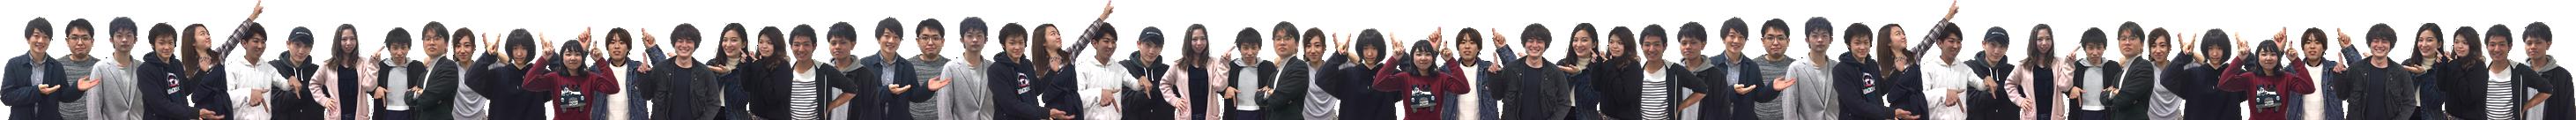 上り坂プロジェクトメンバー